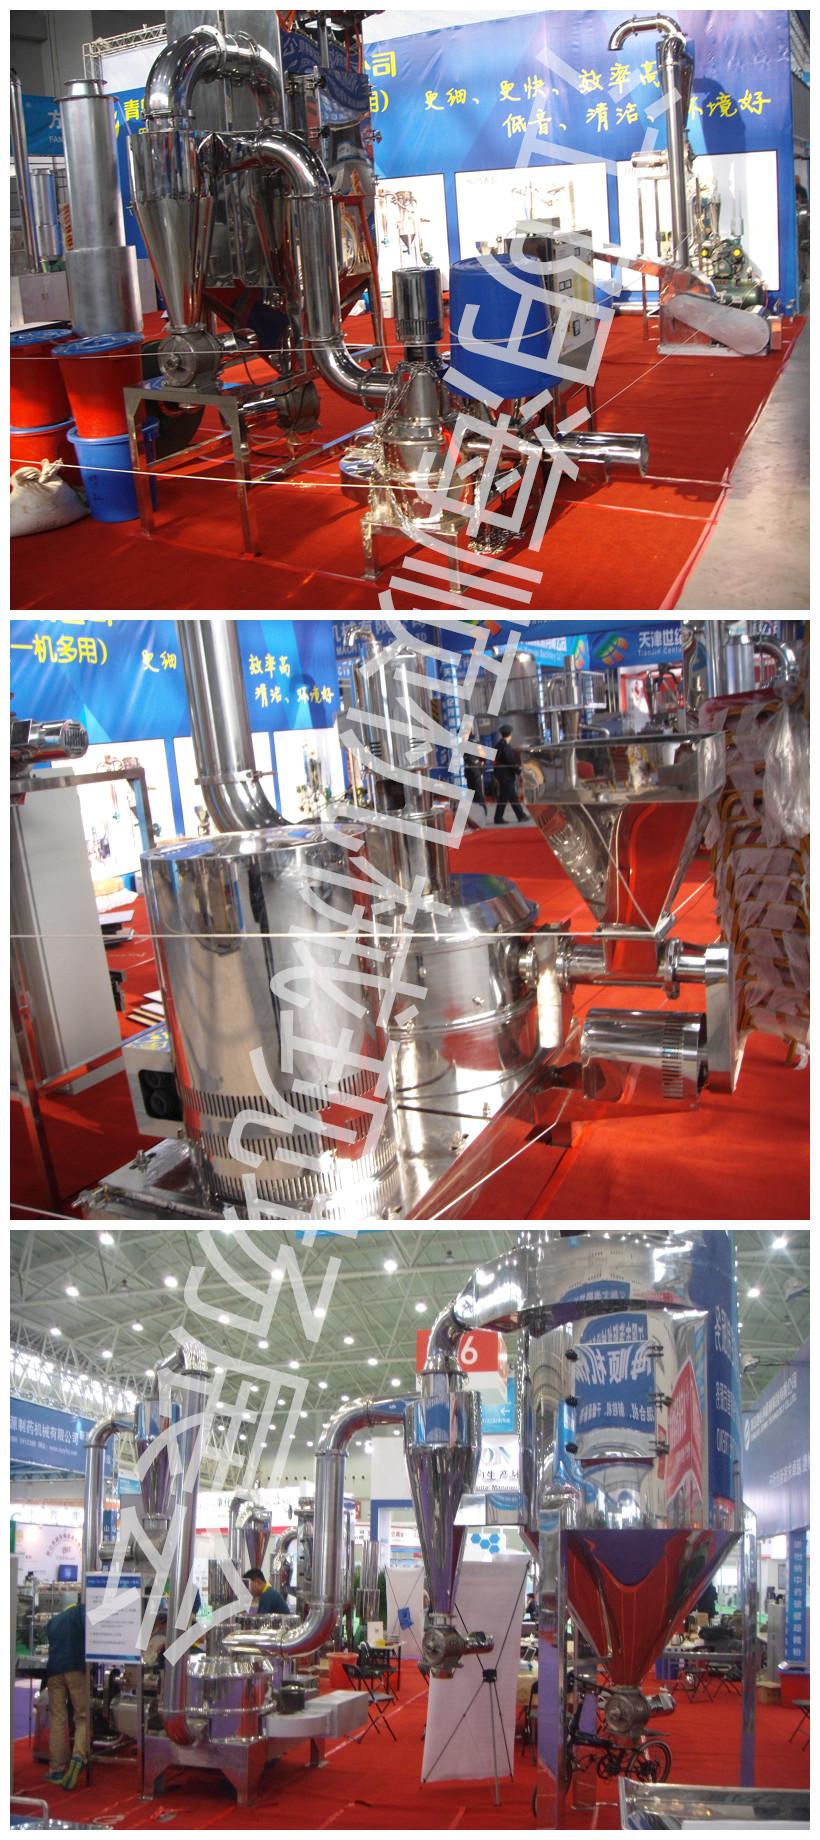 生姜粗碎机,石墨粉碎机,南京粉碎机,制药粉碎机示例图14